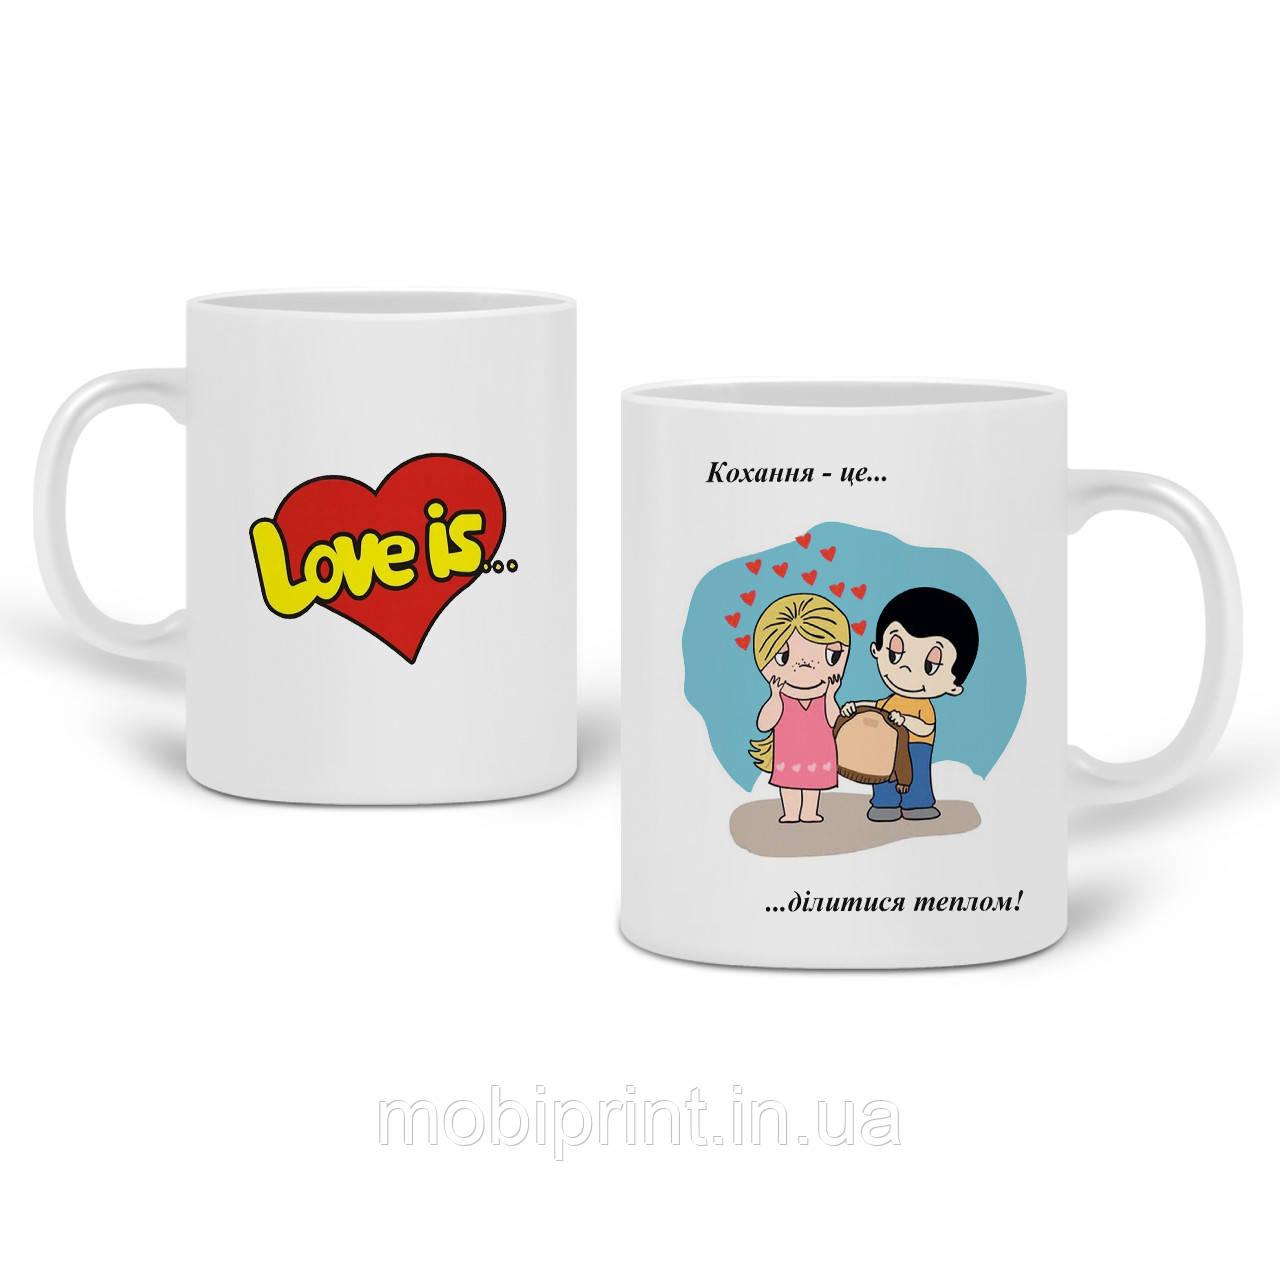 Кружка Love is 330 мл Чашка Керамическая (20259-1304)